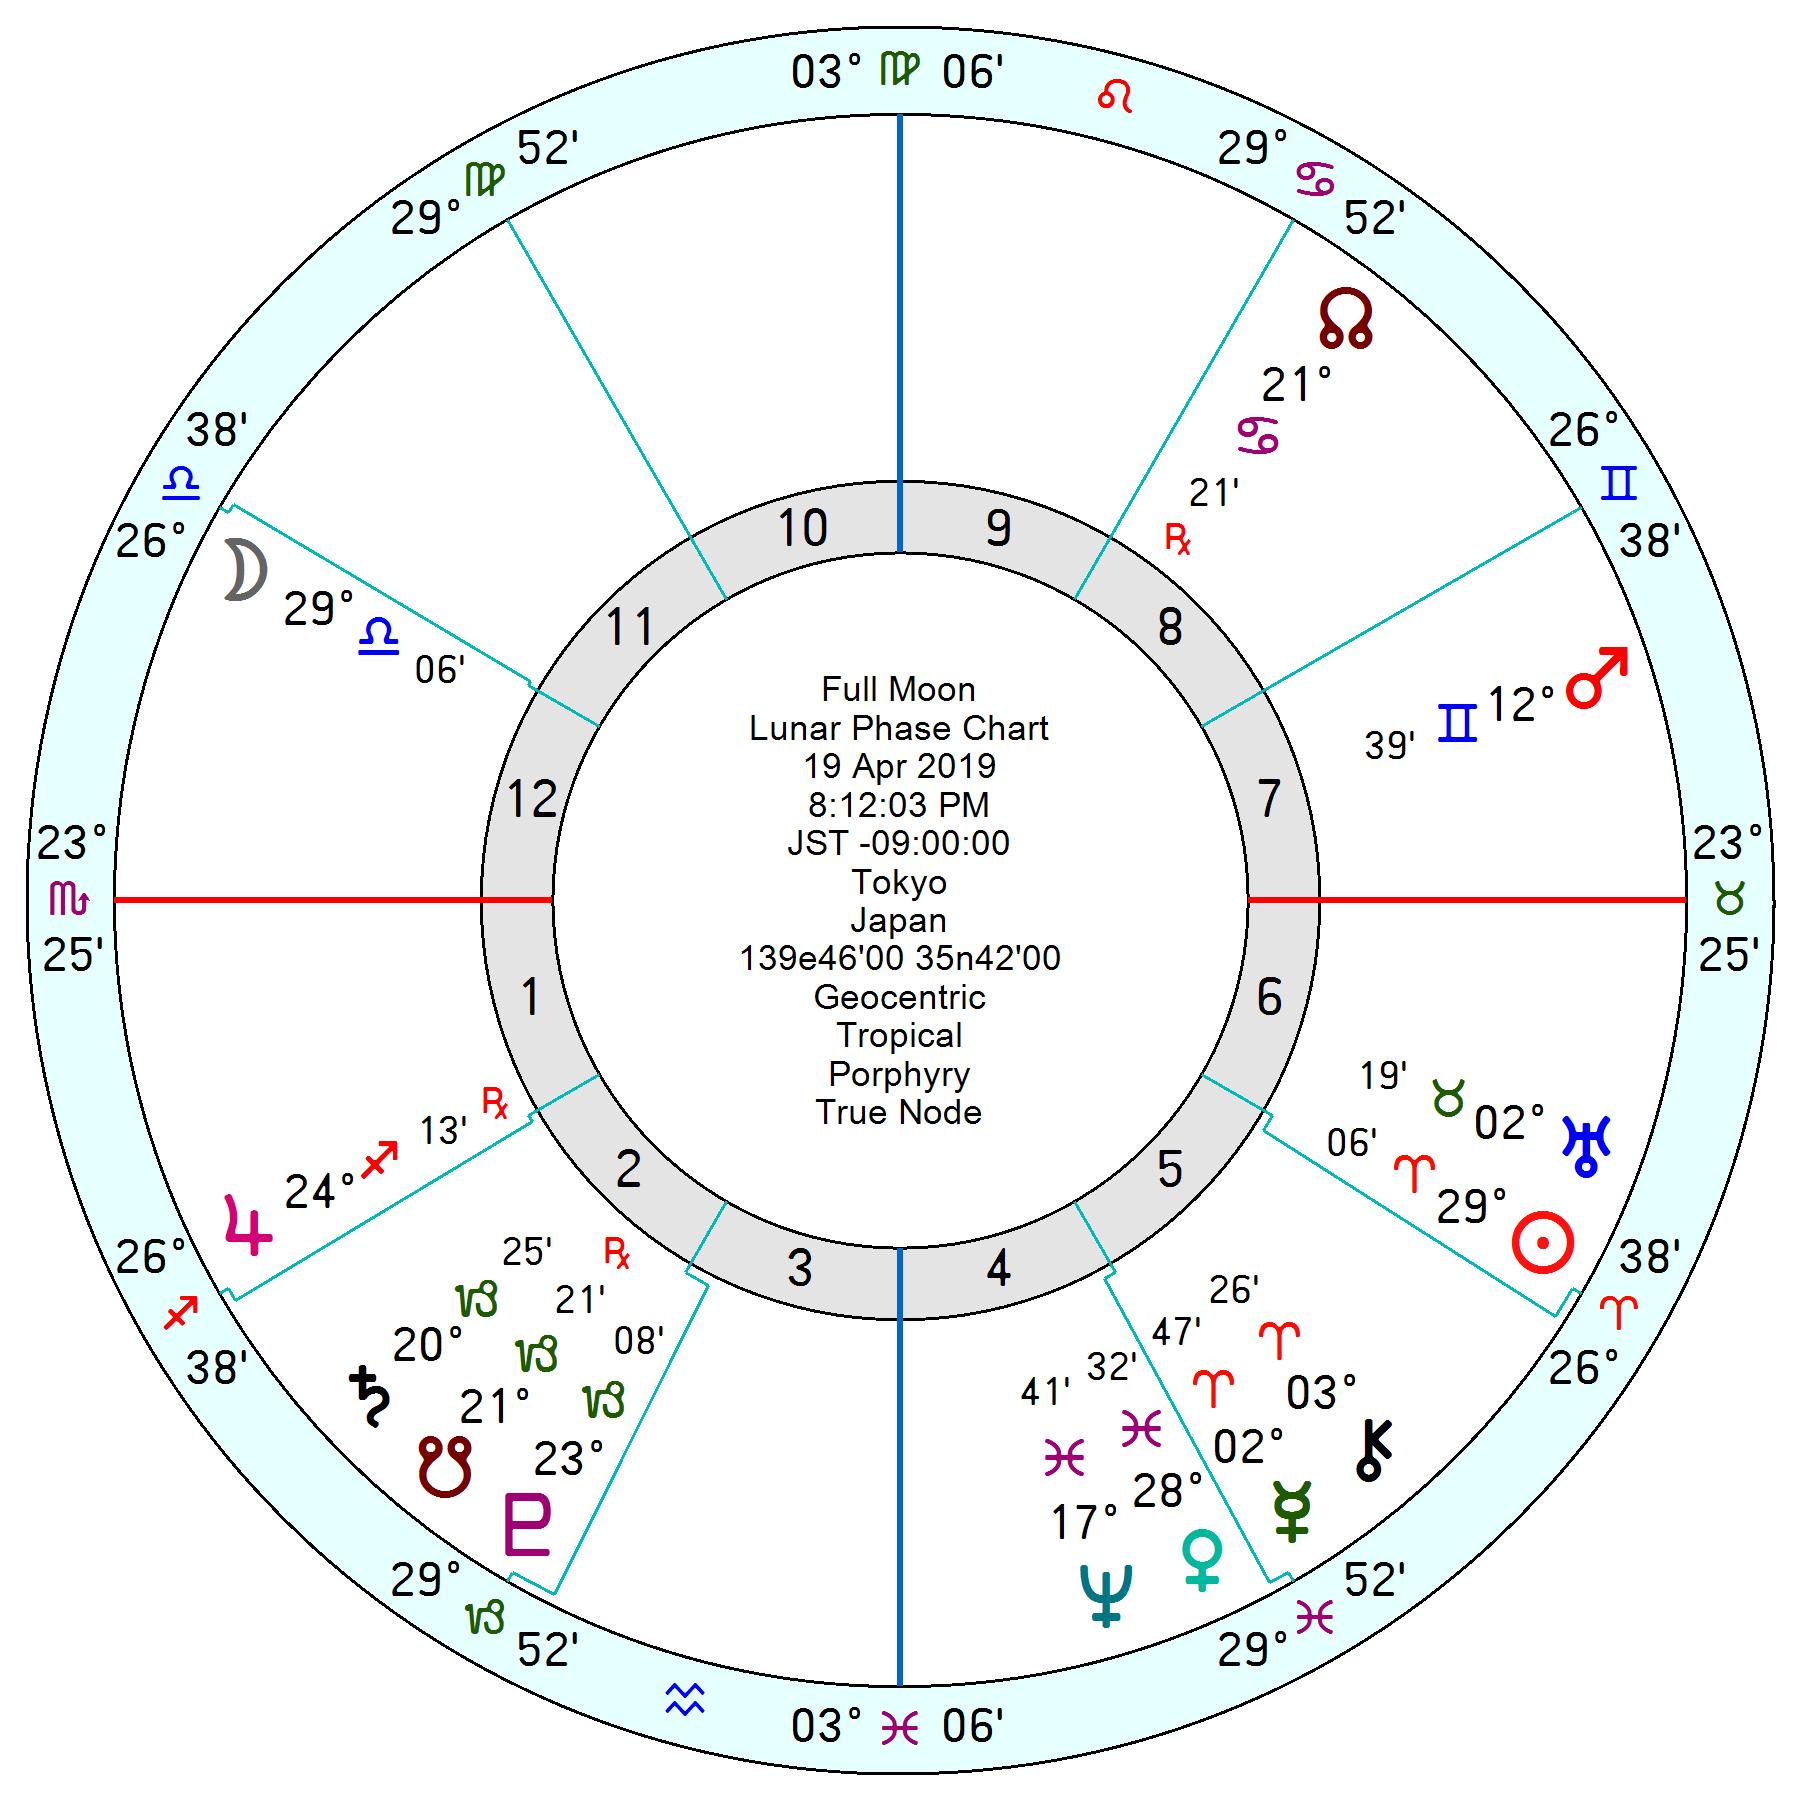 2019年4月19日天秤座満月のホロスコープ